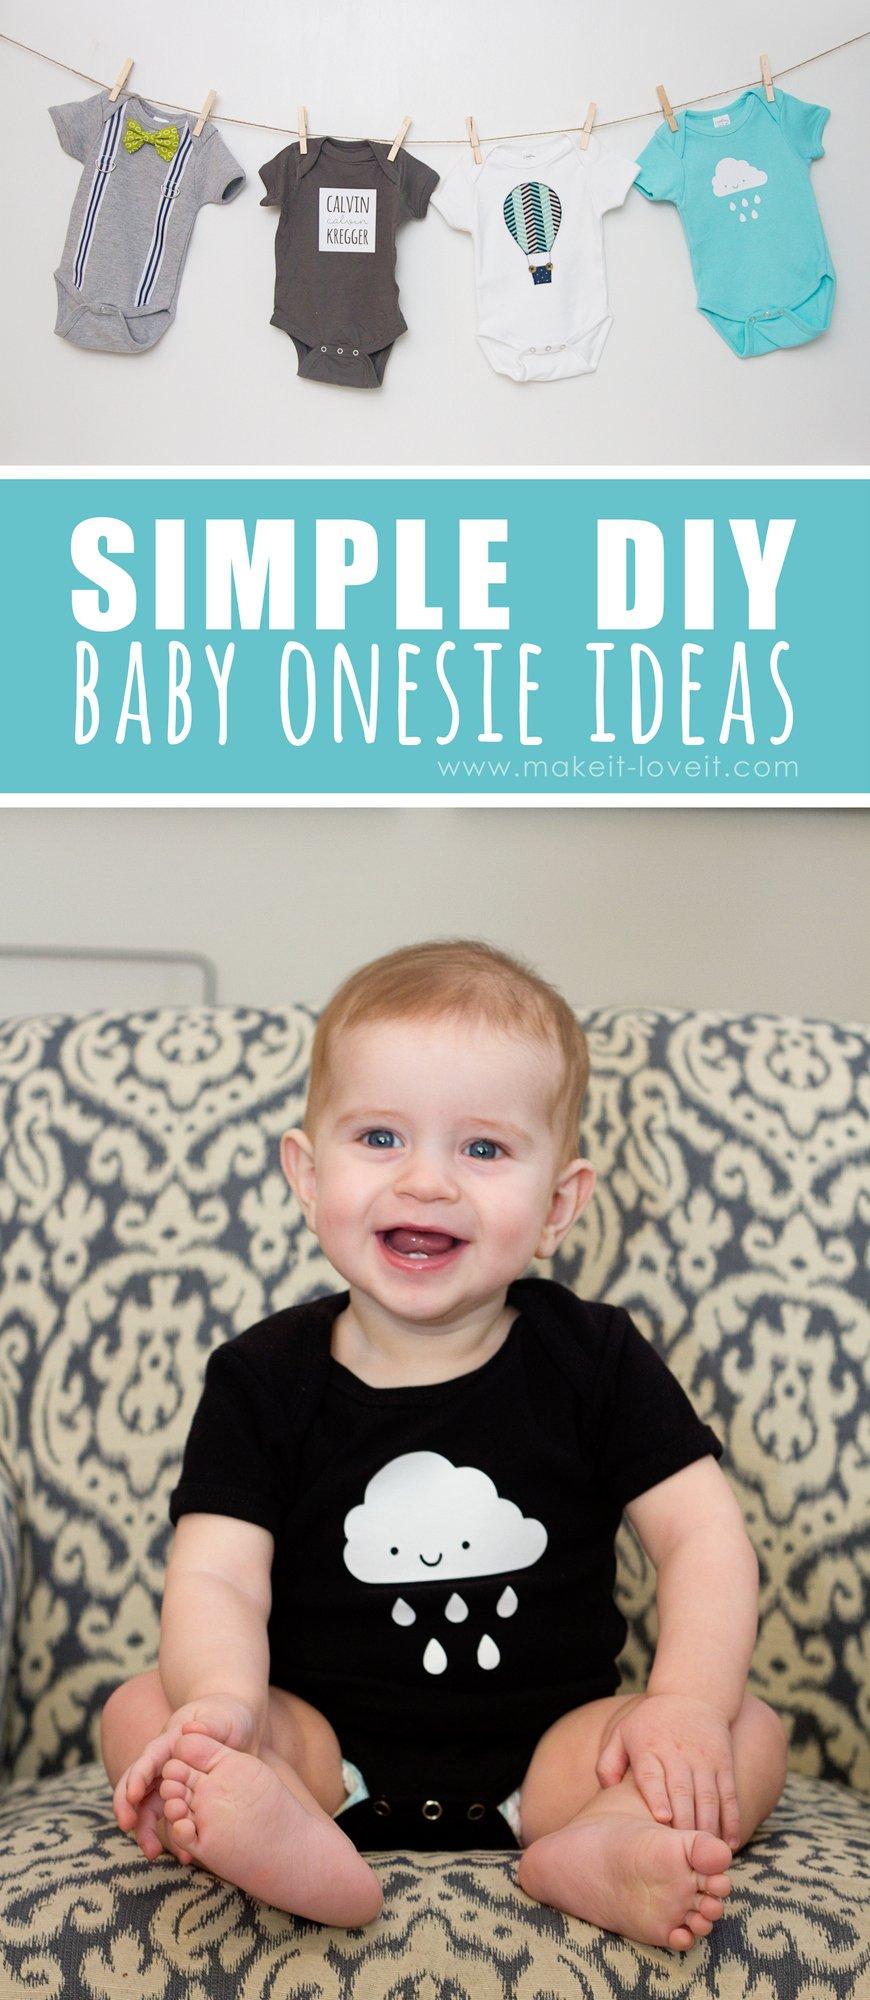 Simple DIY Baby Onesie Ideas